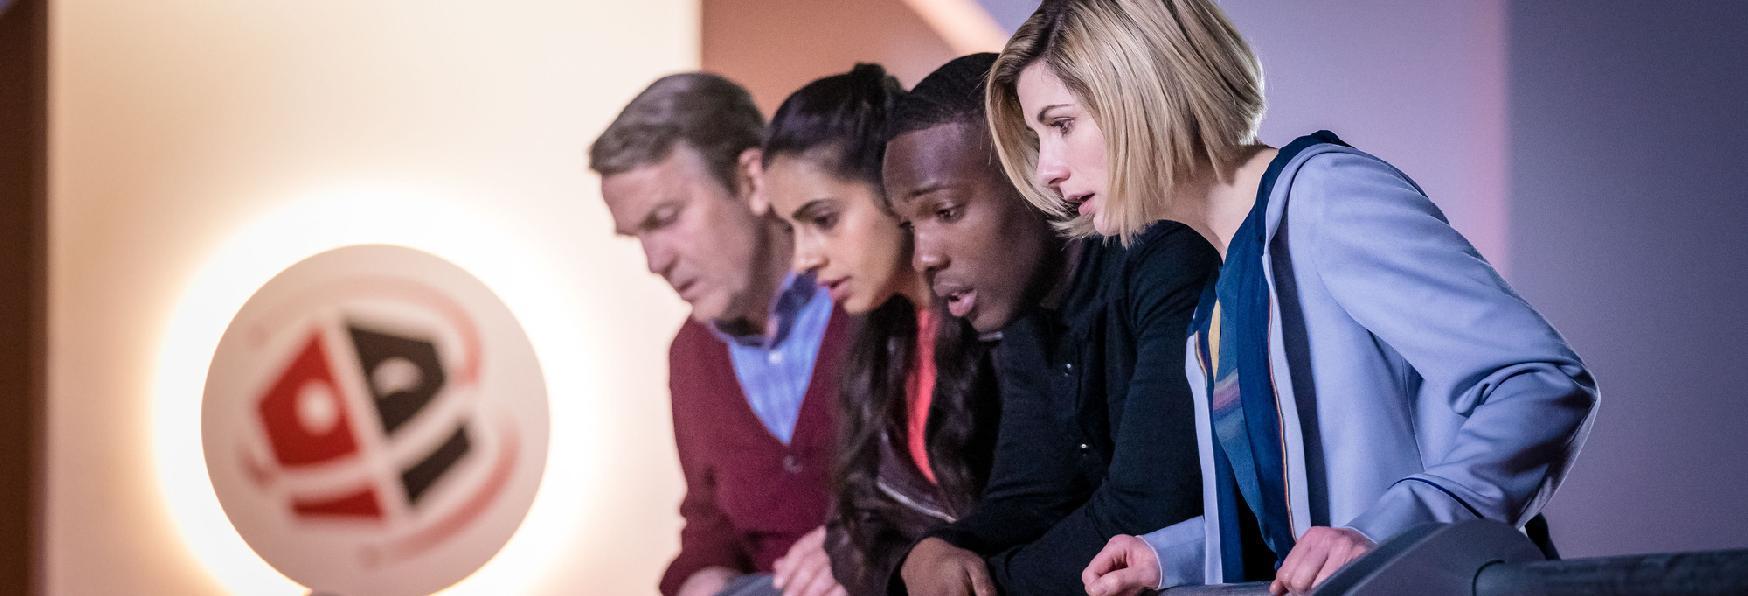 Recensione dell'Episodio 11x07 di Doctor Who: Kerblam!